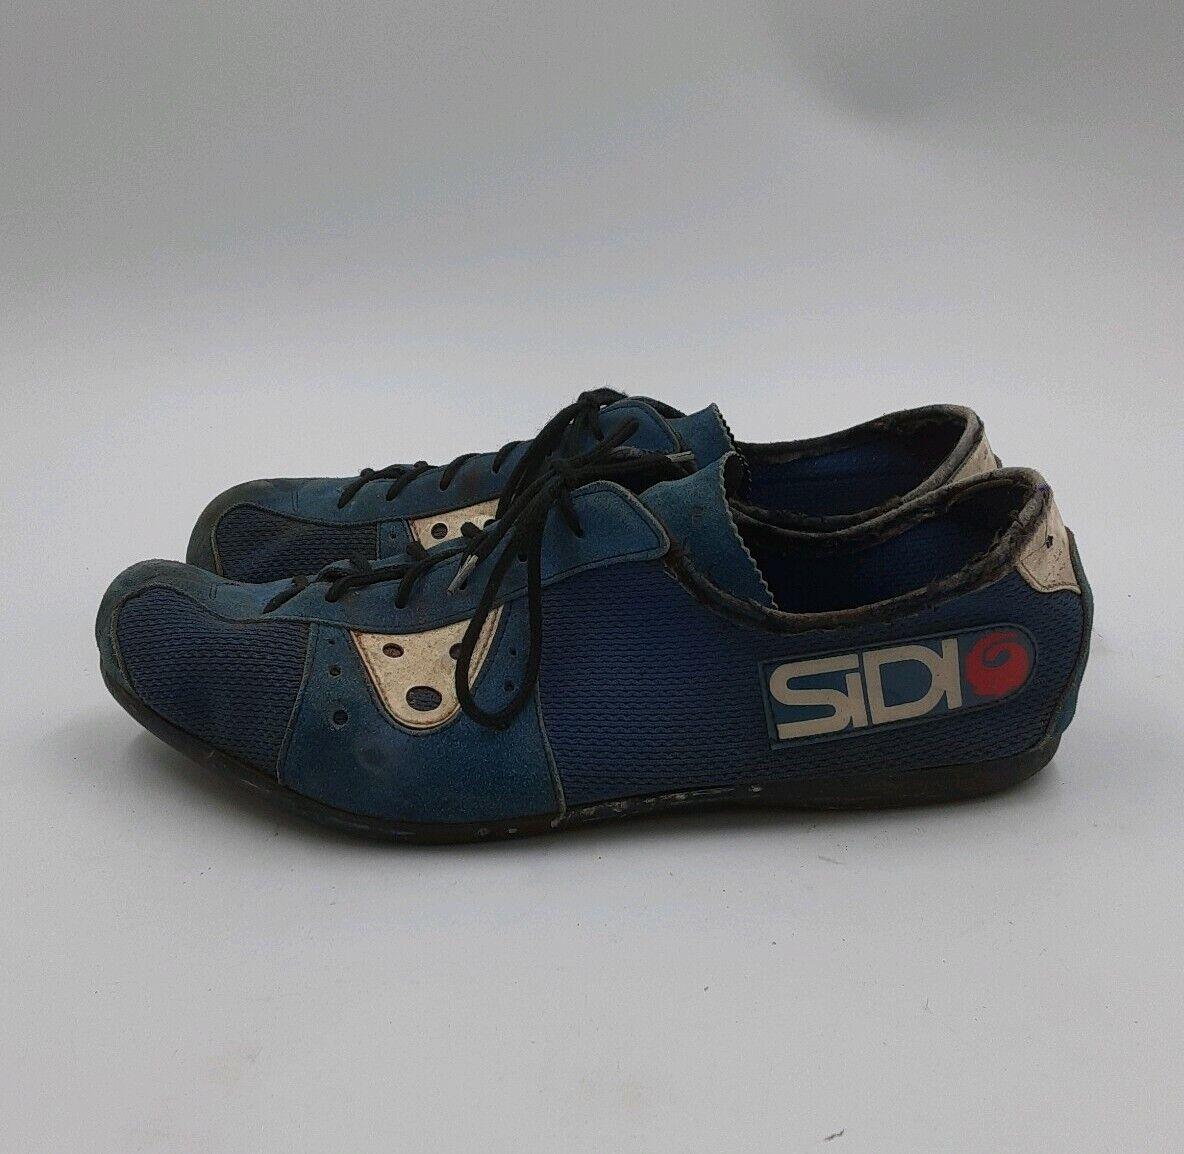 SIDI Vintage Cycling Biking scarpe uomo Dimensione 42 EU 9 US Vero Cuoio Made in